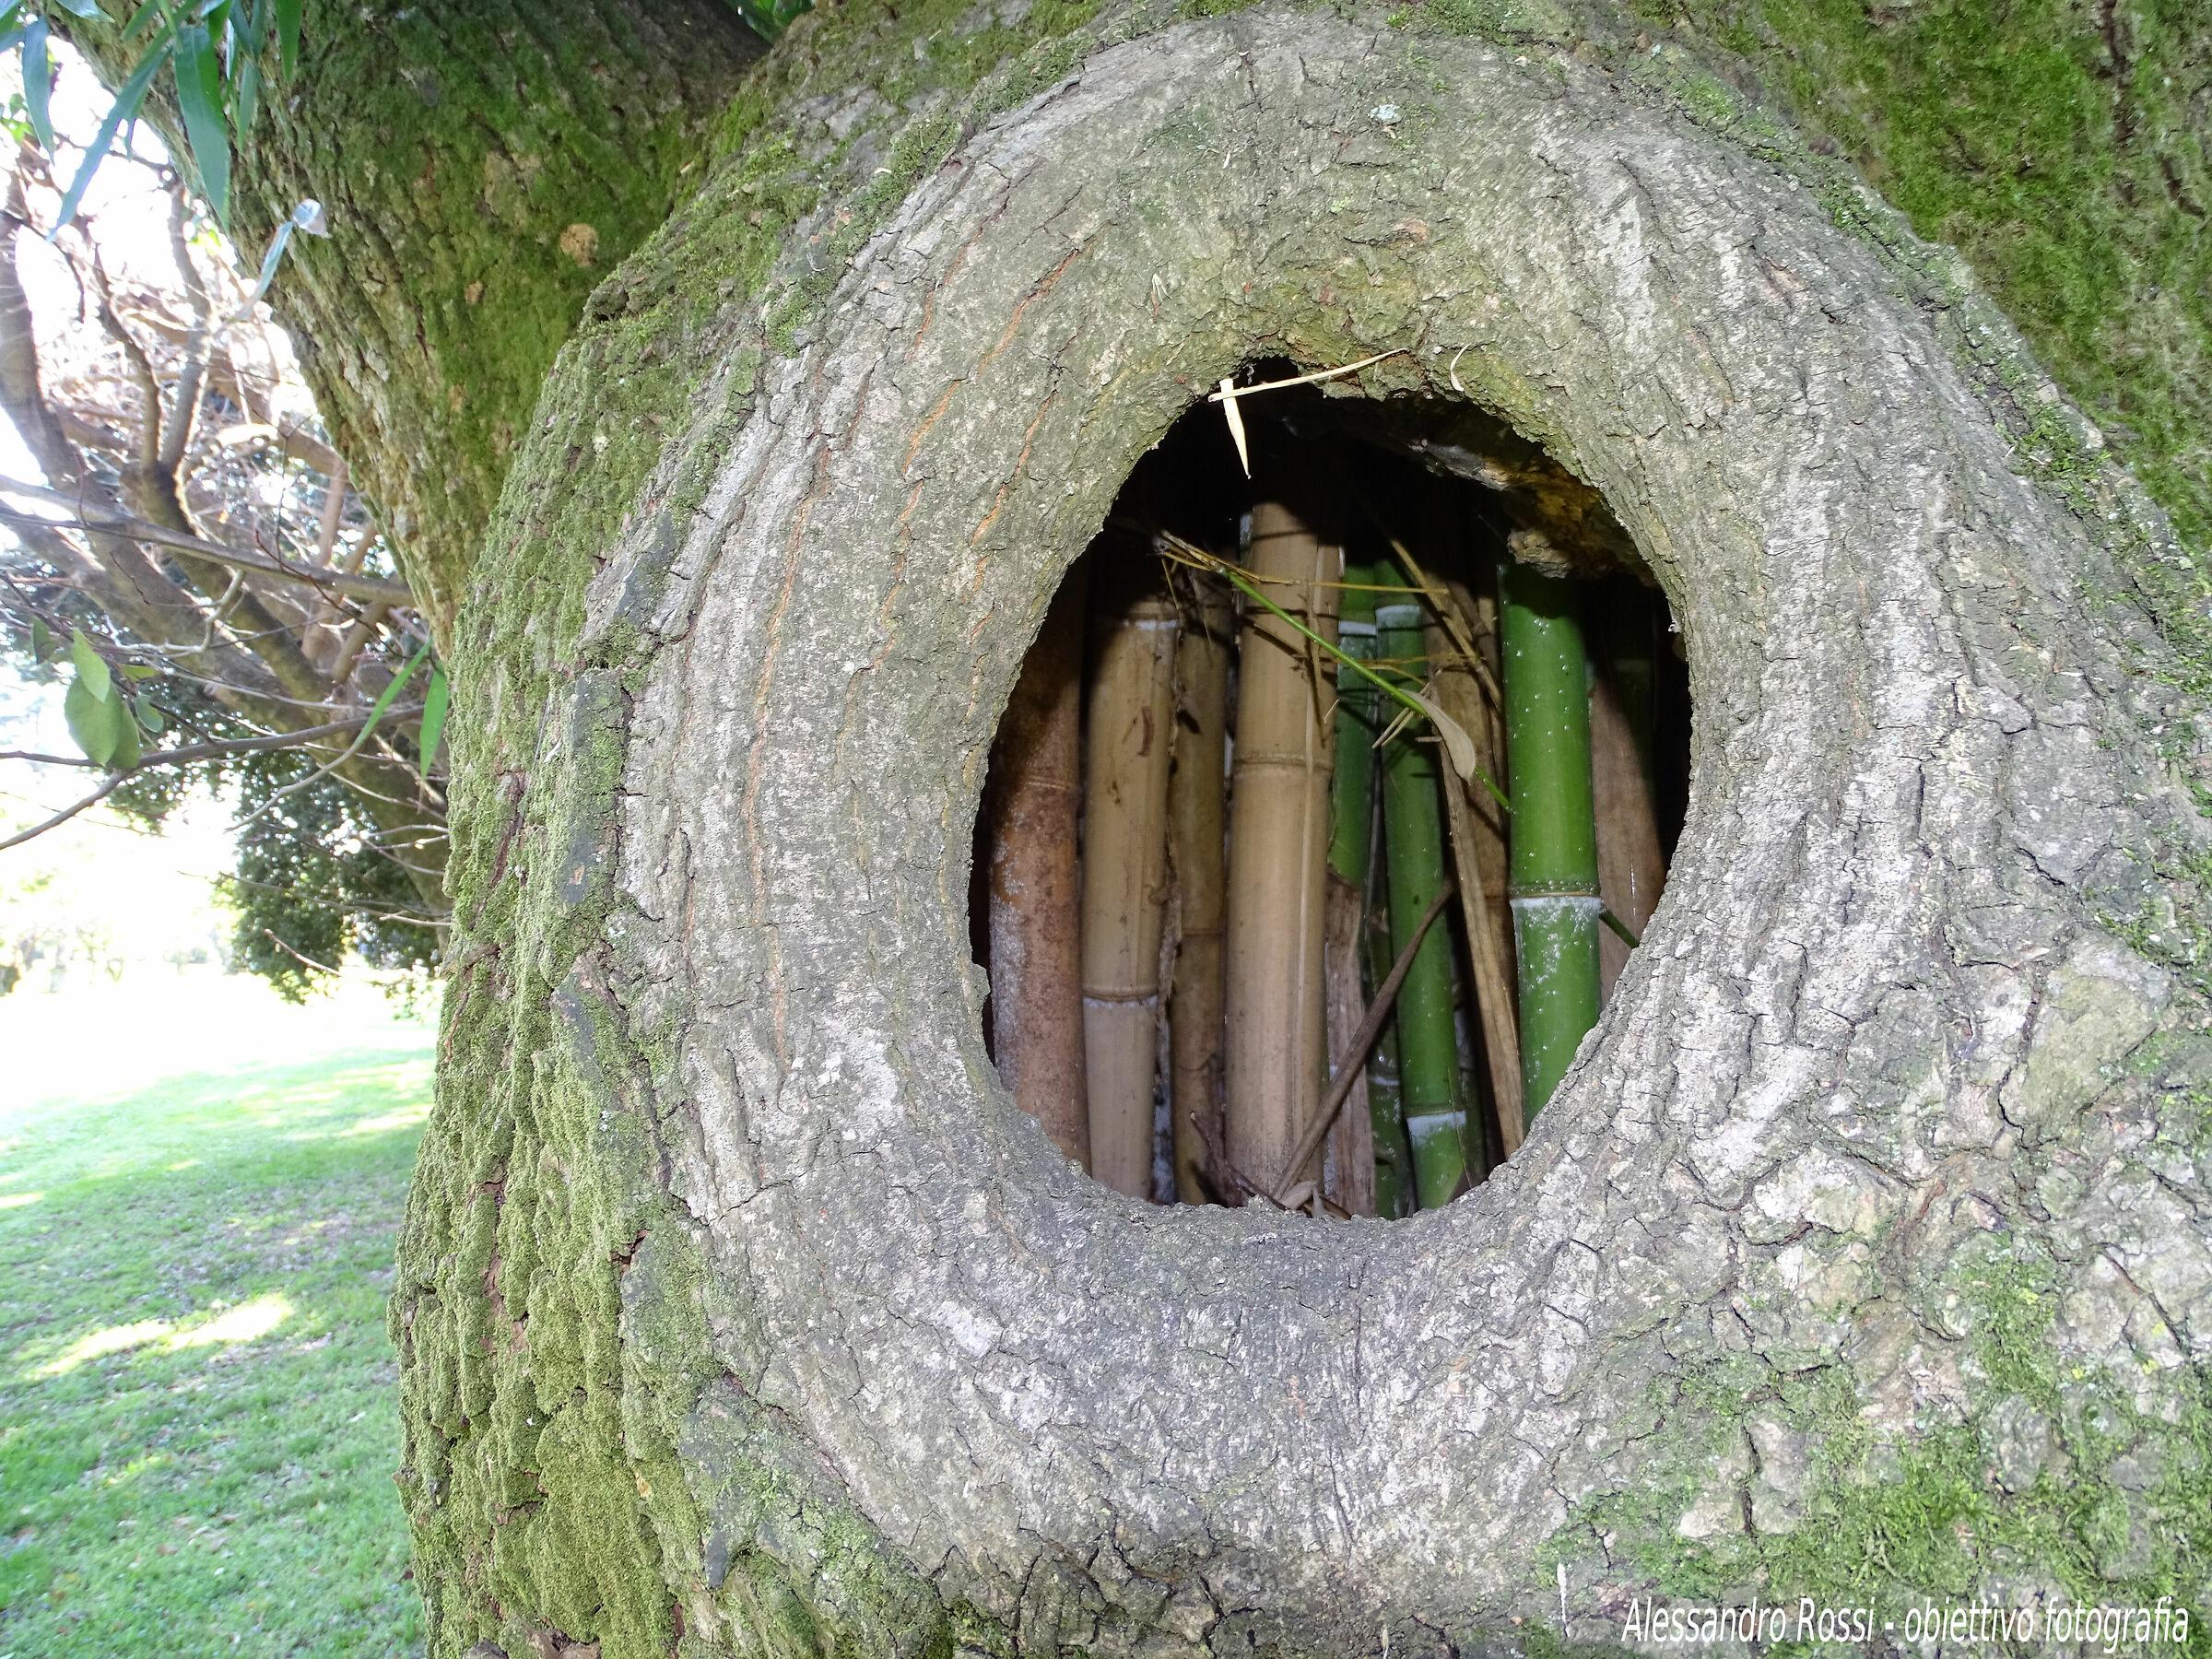 bambu' house...